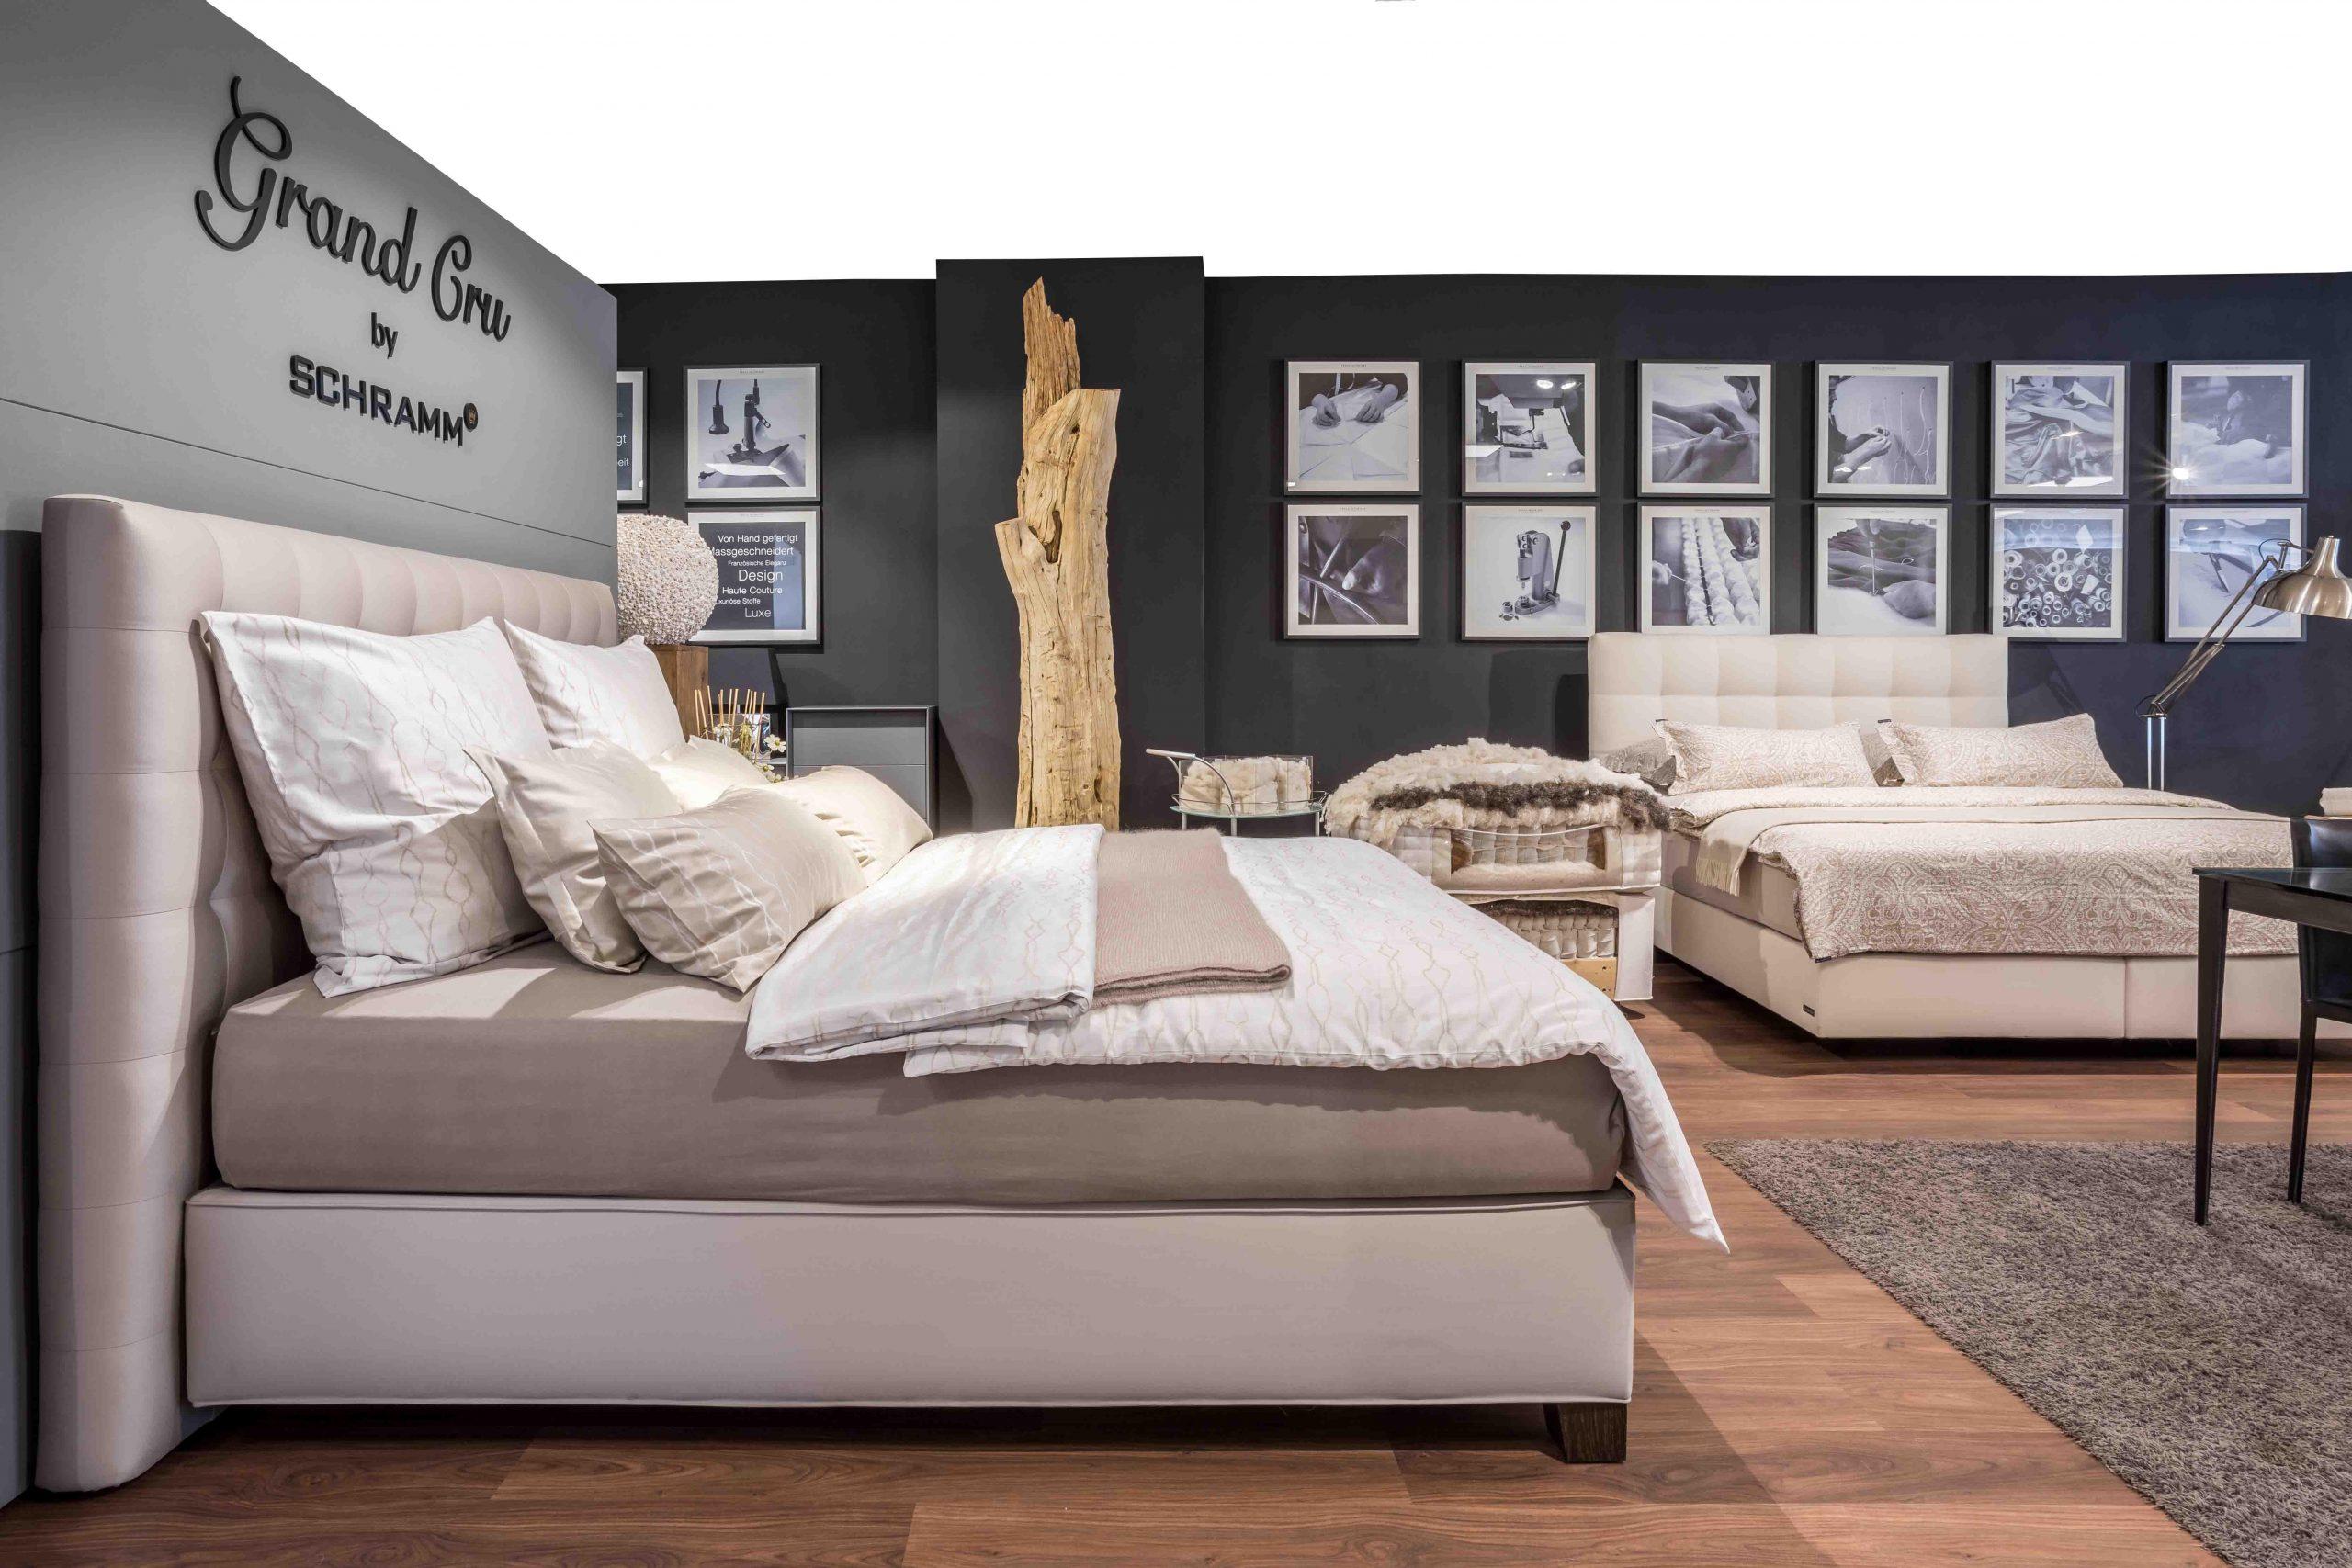 Full Size of Betten Köln Matratzen Kln Bischoff In Münster Hasena Jensen Ruf Fabrikverkauf Massiv Ebay 180x200 Hohe Schramm Mit Matratze Und Lattenrost 140x200 Teenager Bett Betten Köln